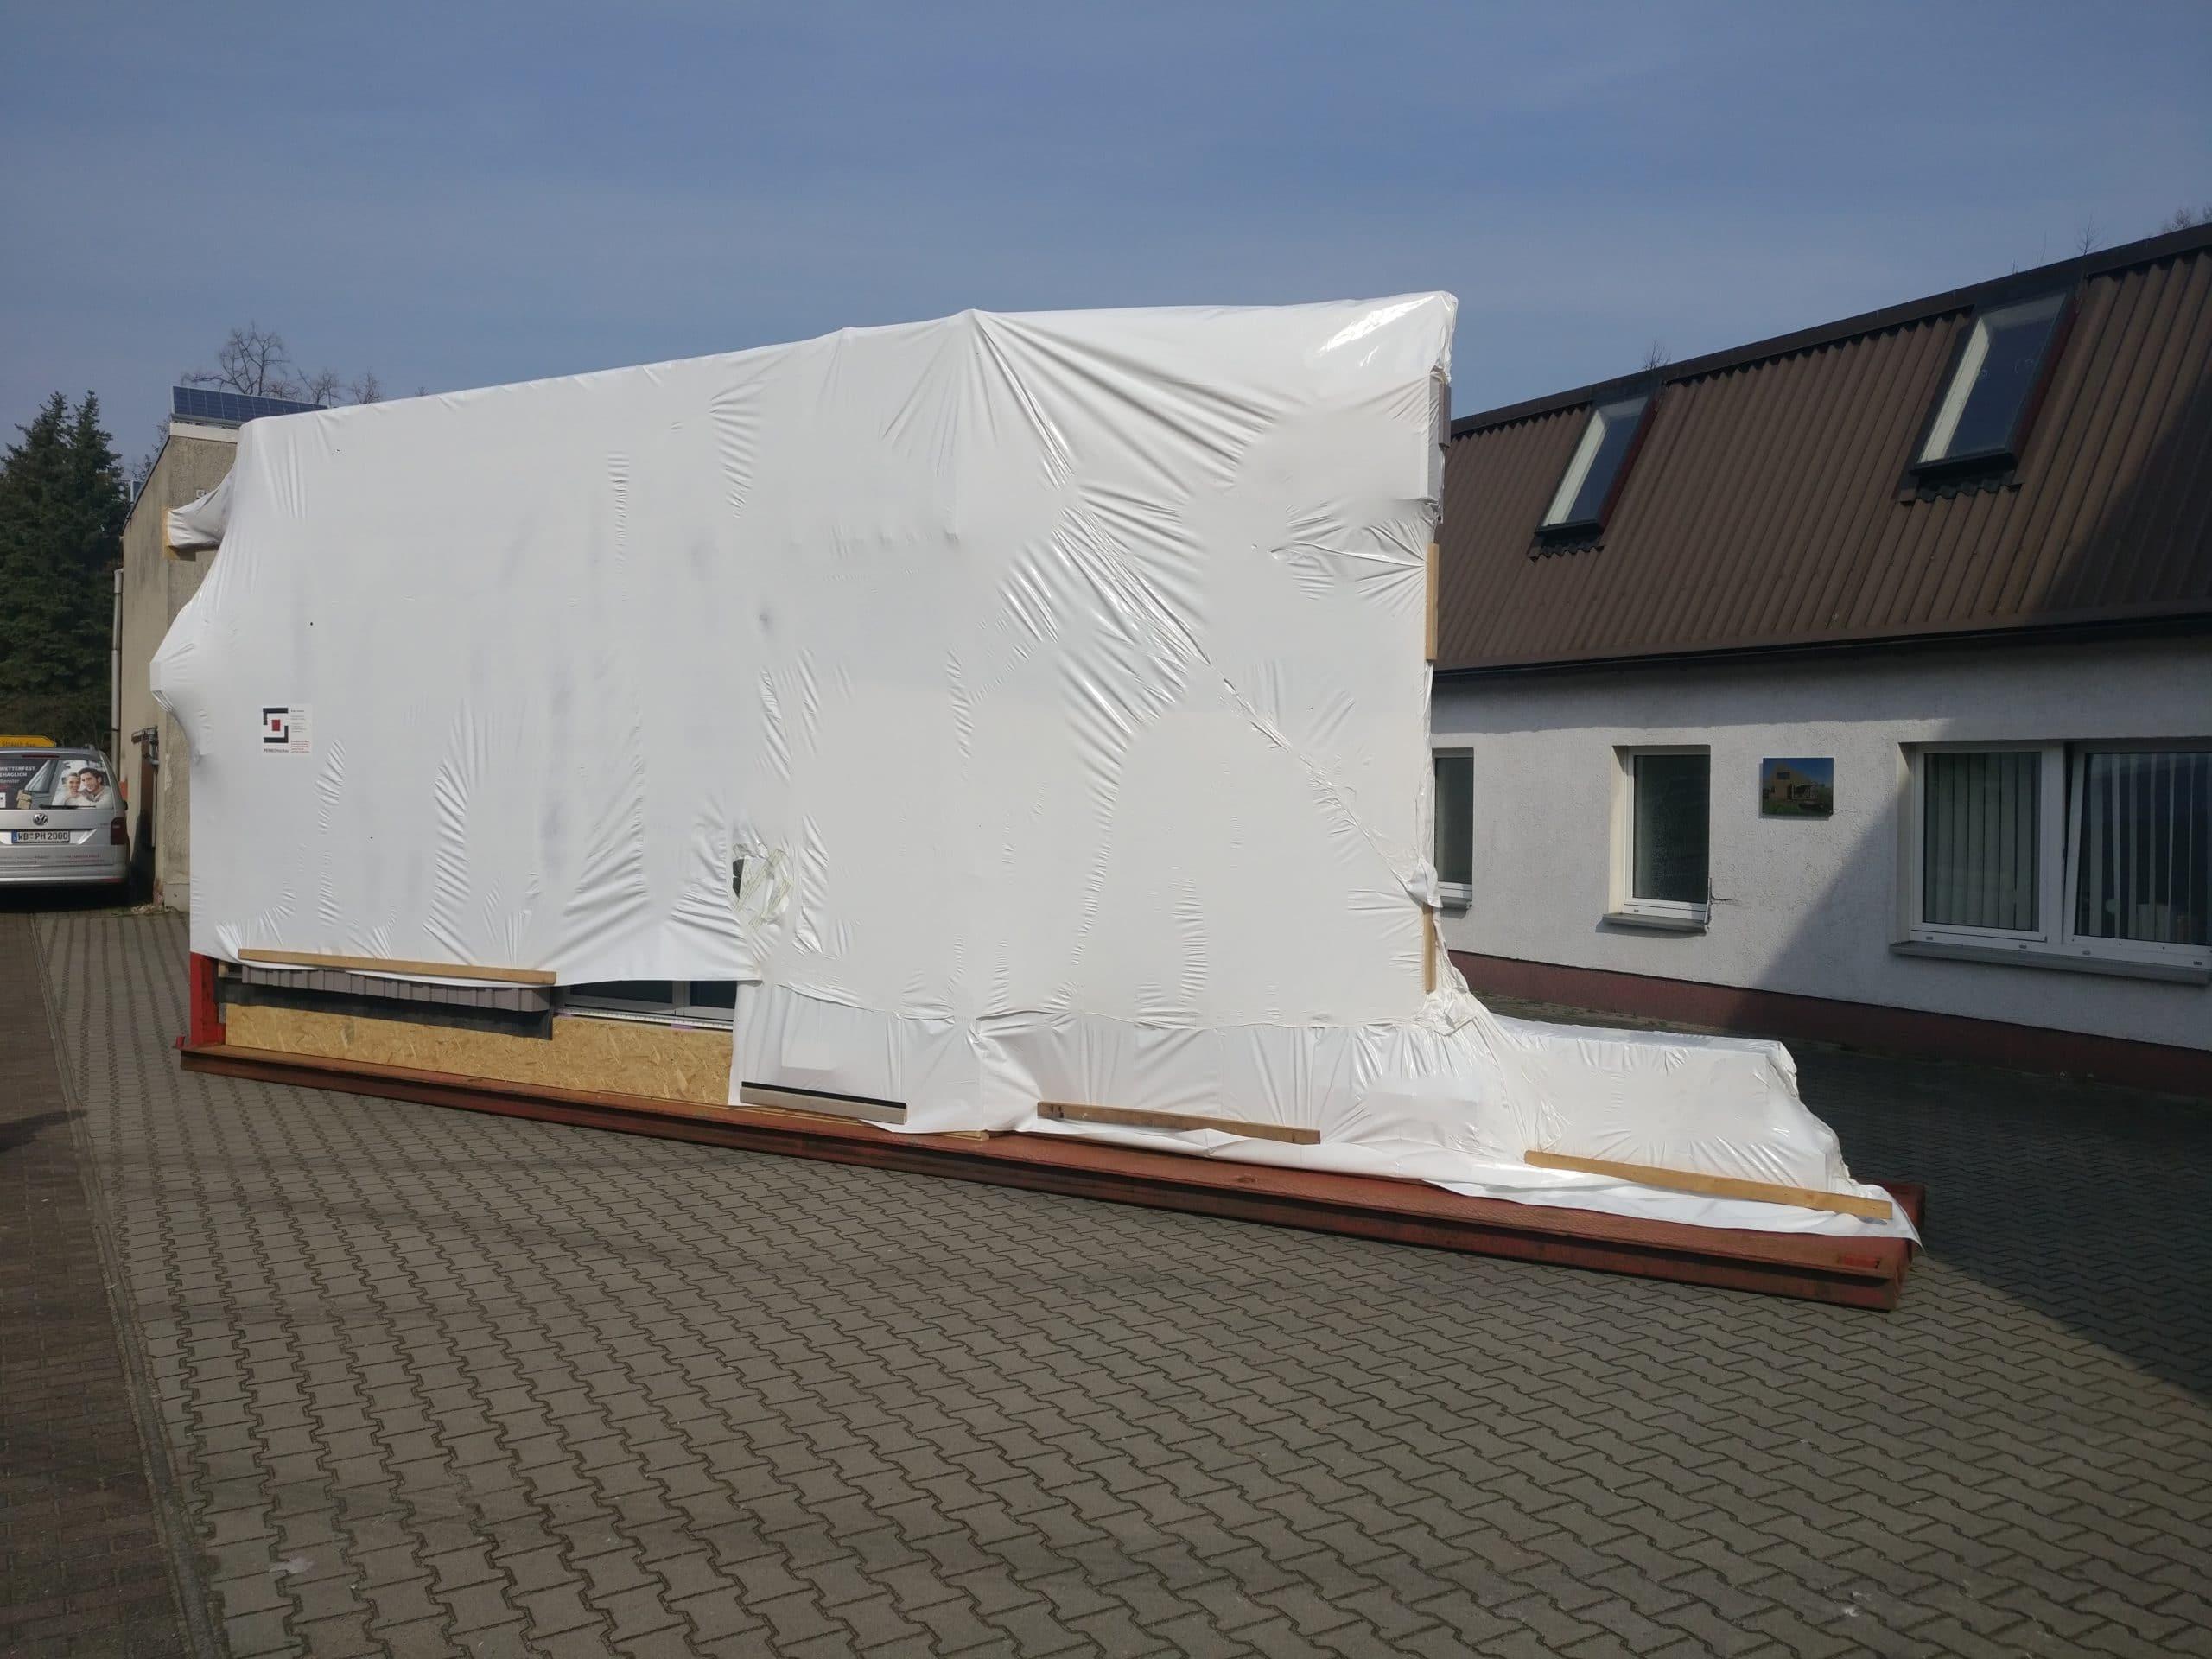 Kreuzberger Kinderstiftung Neubau Fassadenelement verpackt